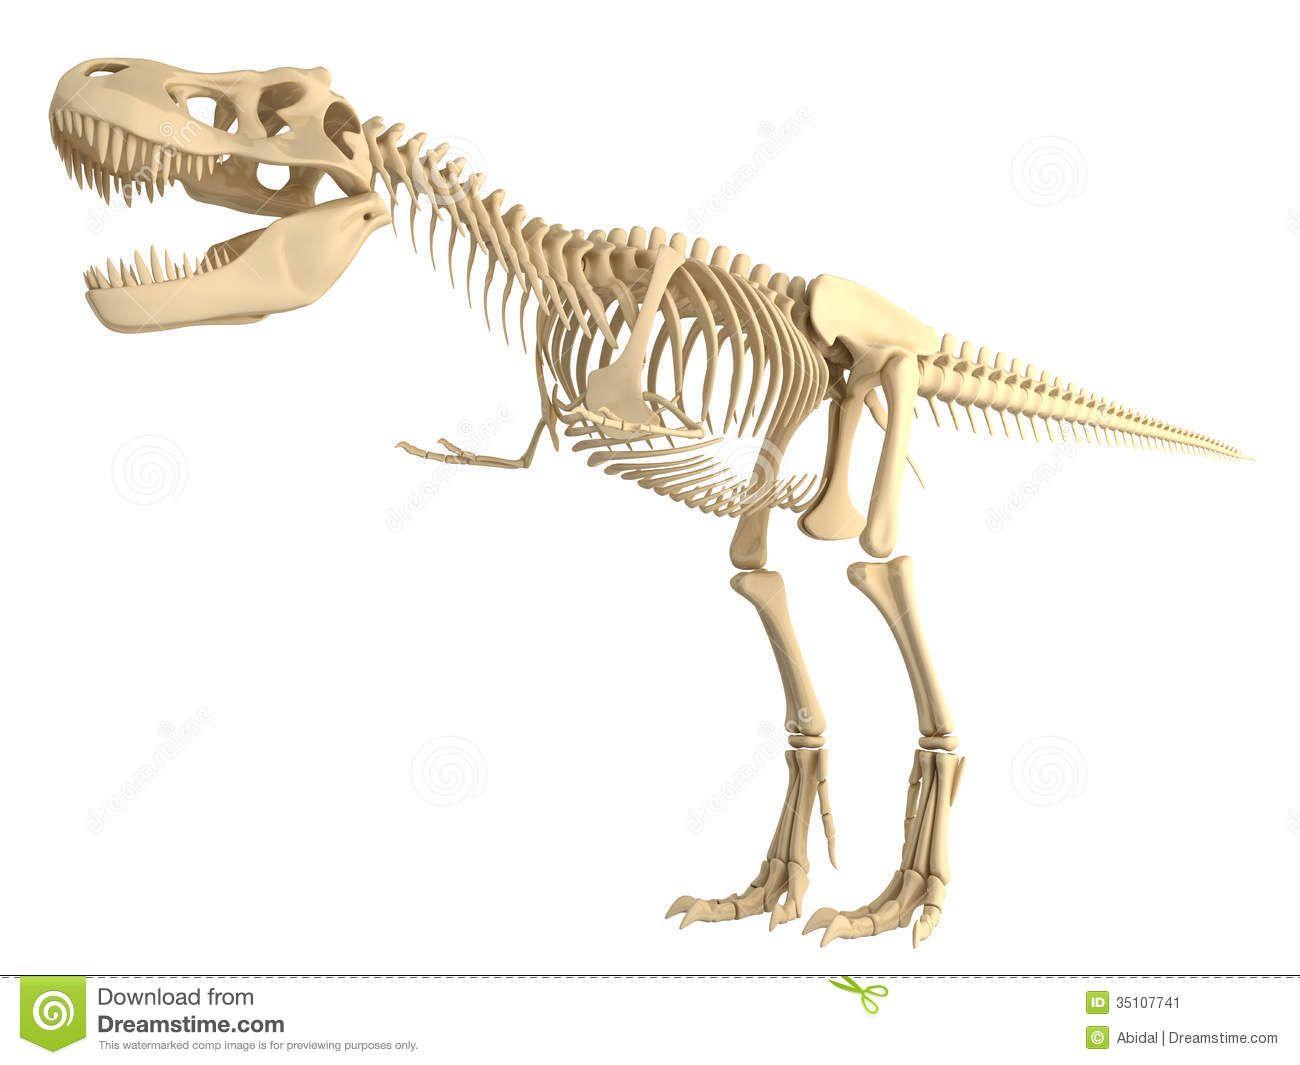 esqueleto dinosaurio - Buscar con Google | inspiración | Pinterest ...